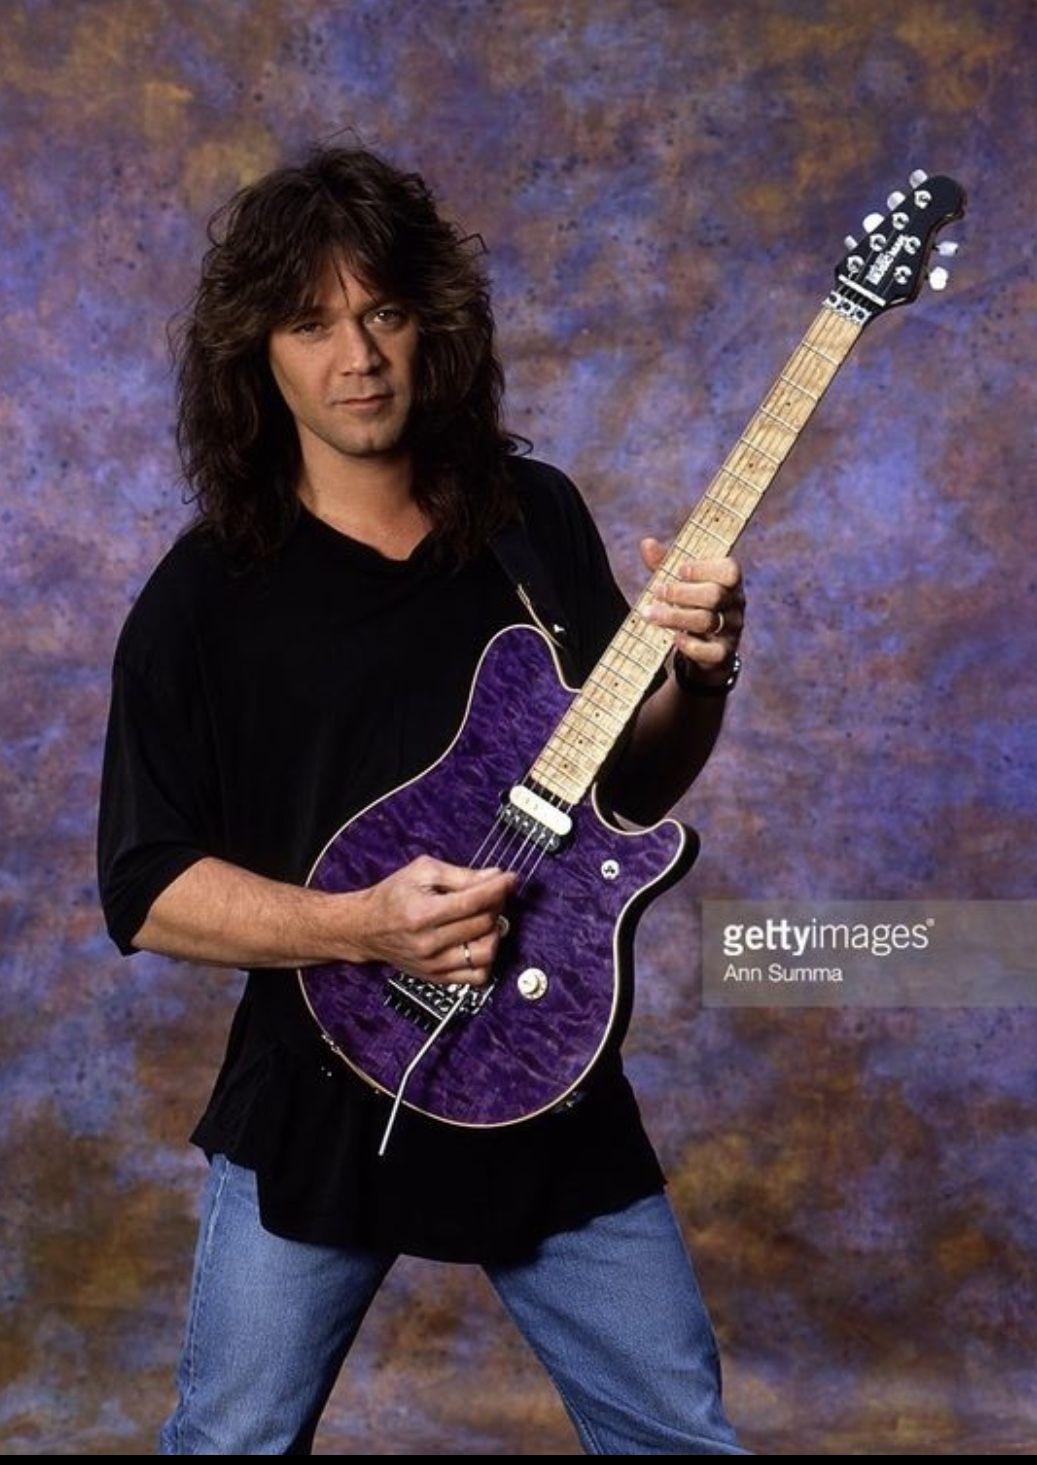 Pin By Paul Mccary On Edward Van Halen In 2020 Eddie Van Halen Heavy Metal Music Van Halen